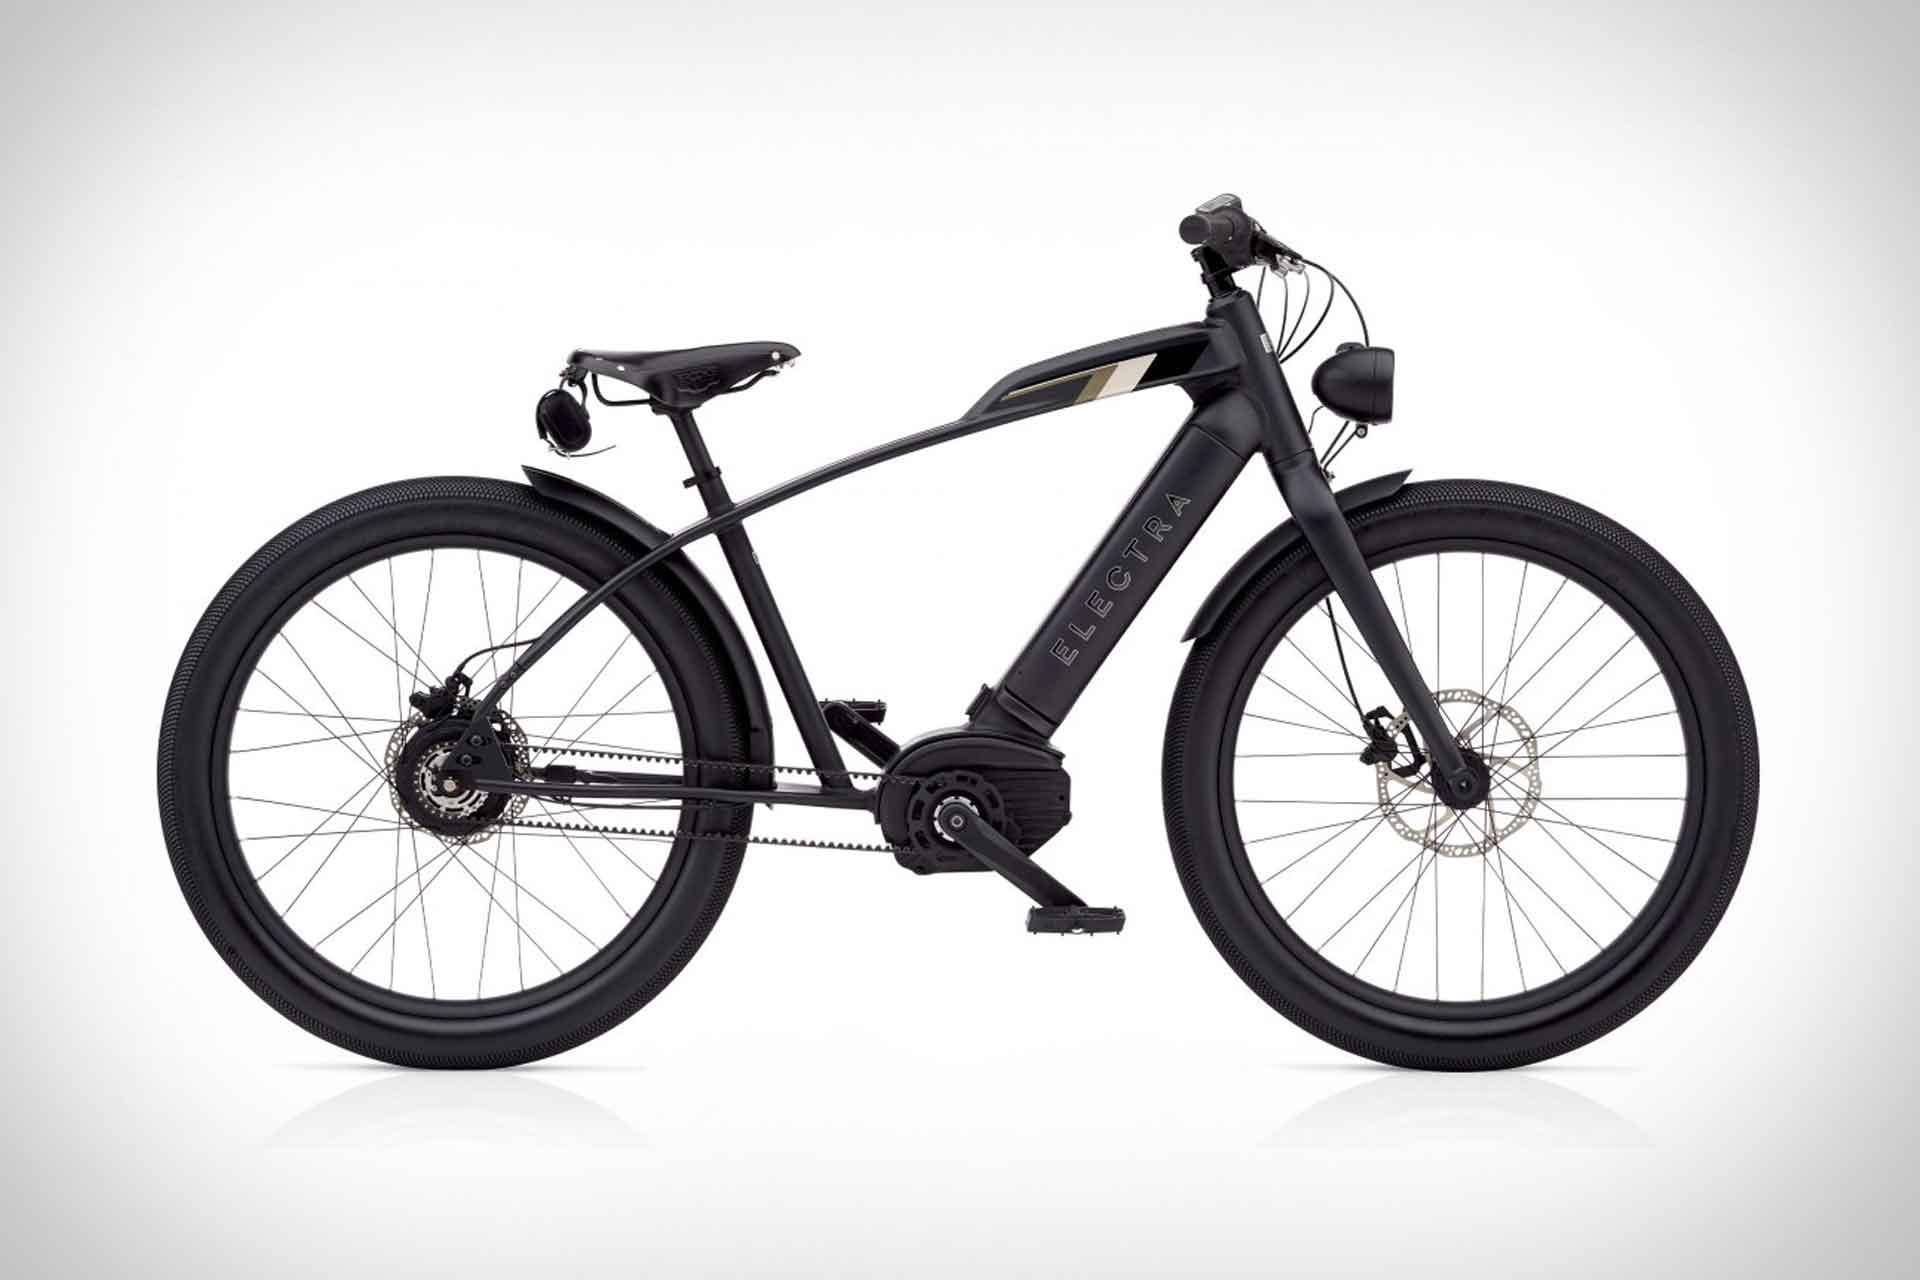 Electra Cafe Moto Go E-Bike